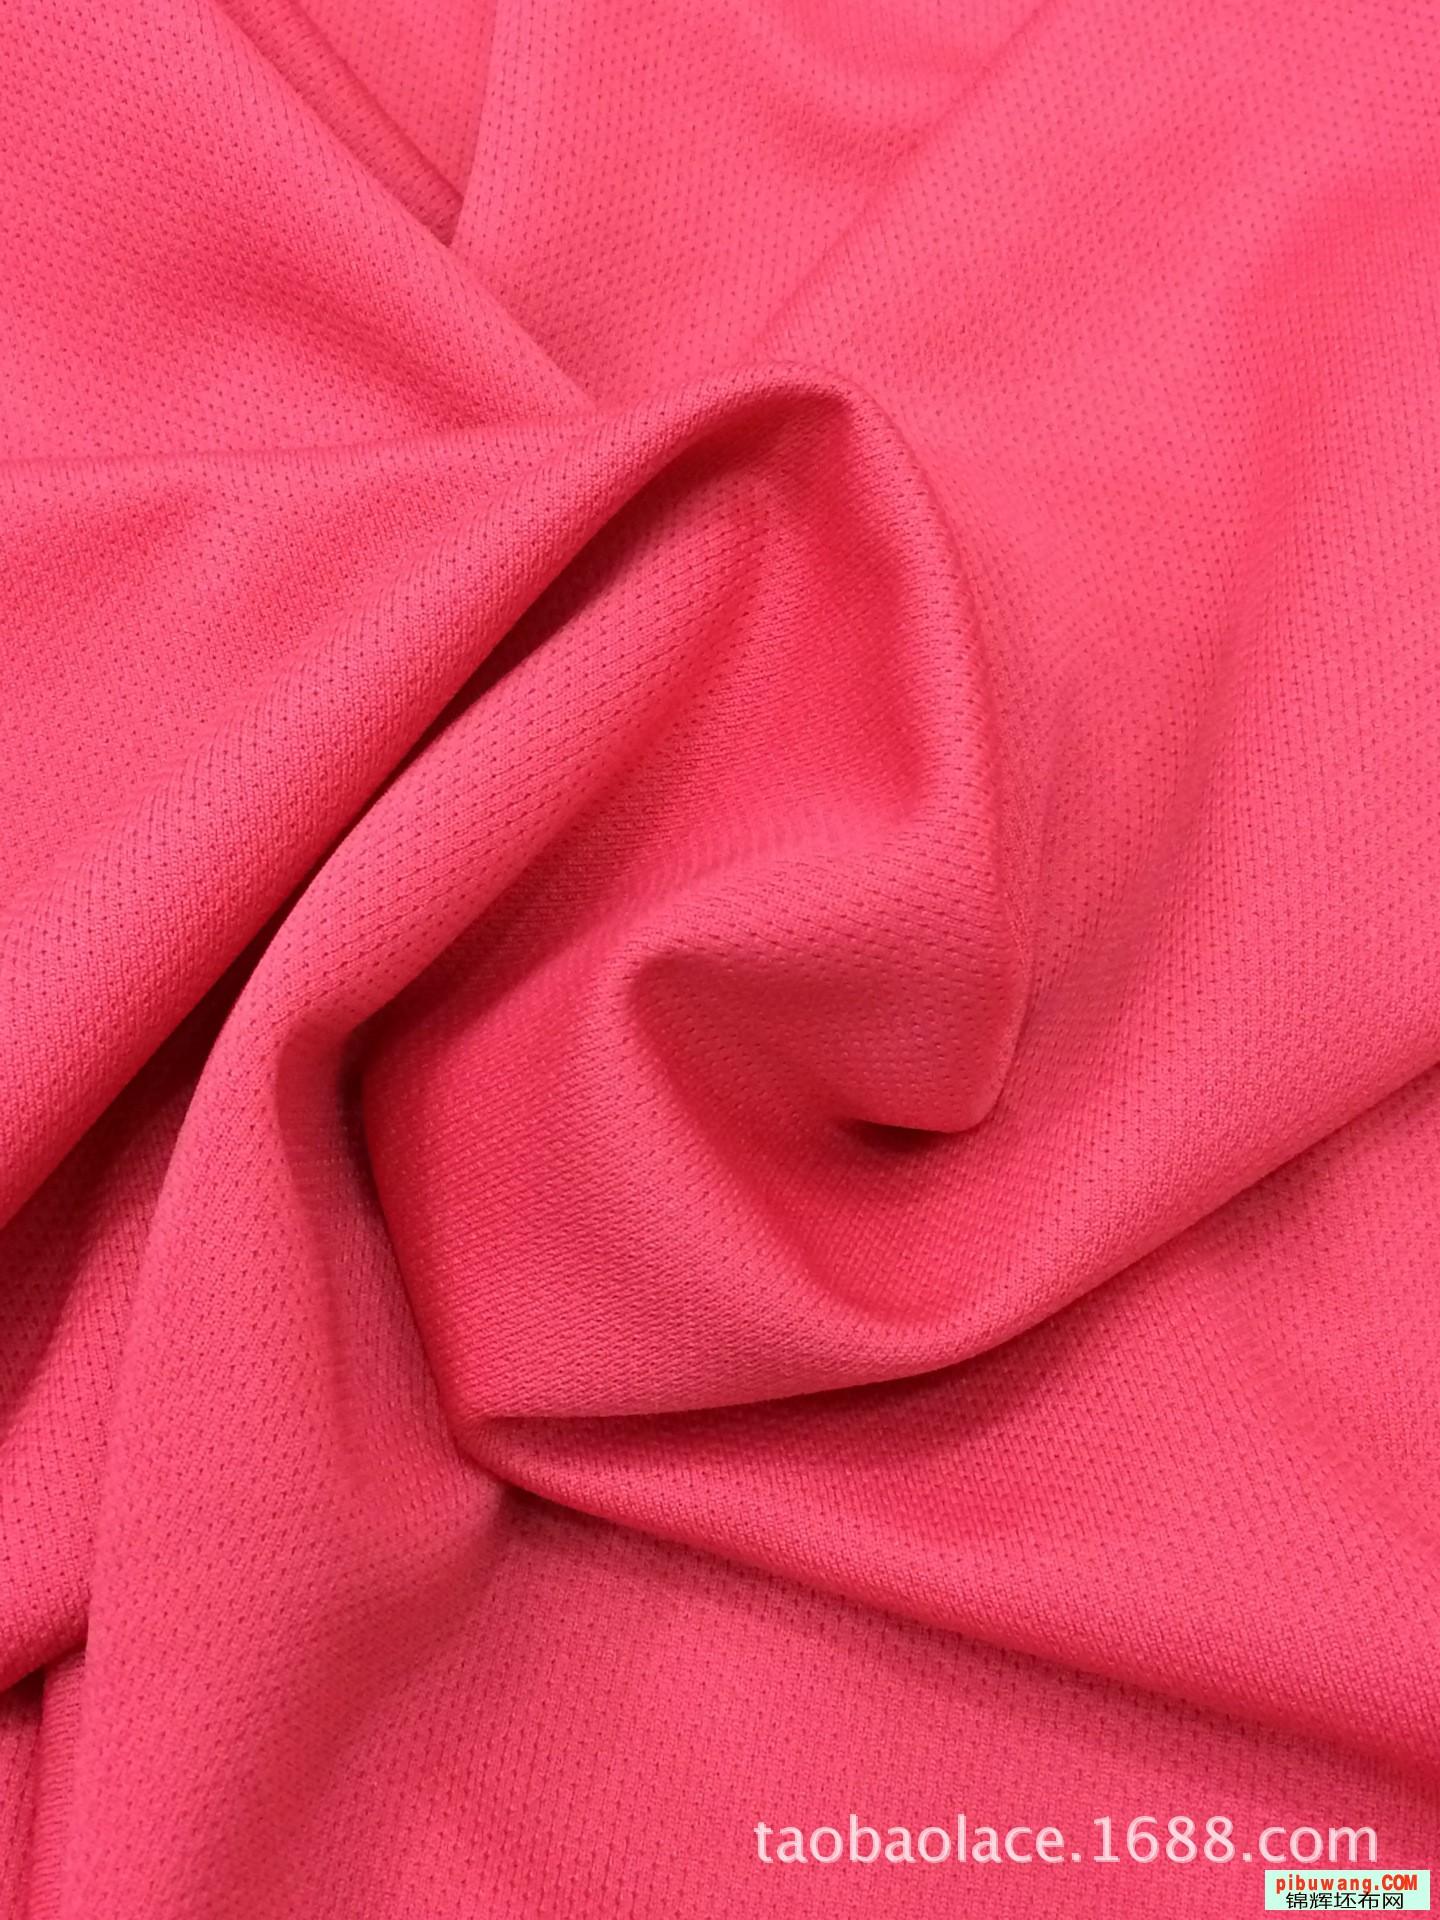 针织小星网 针眼布 吸湿导汗功能型运动面料 现货供应